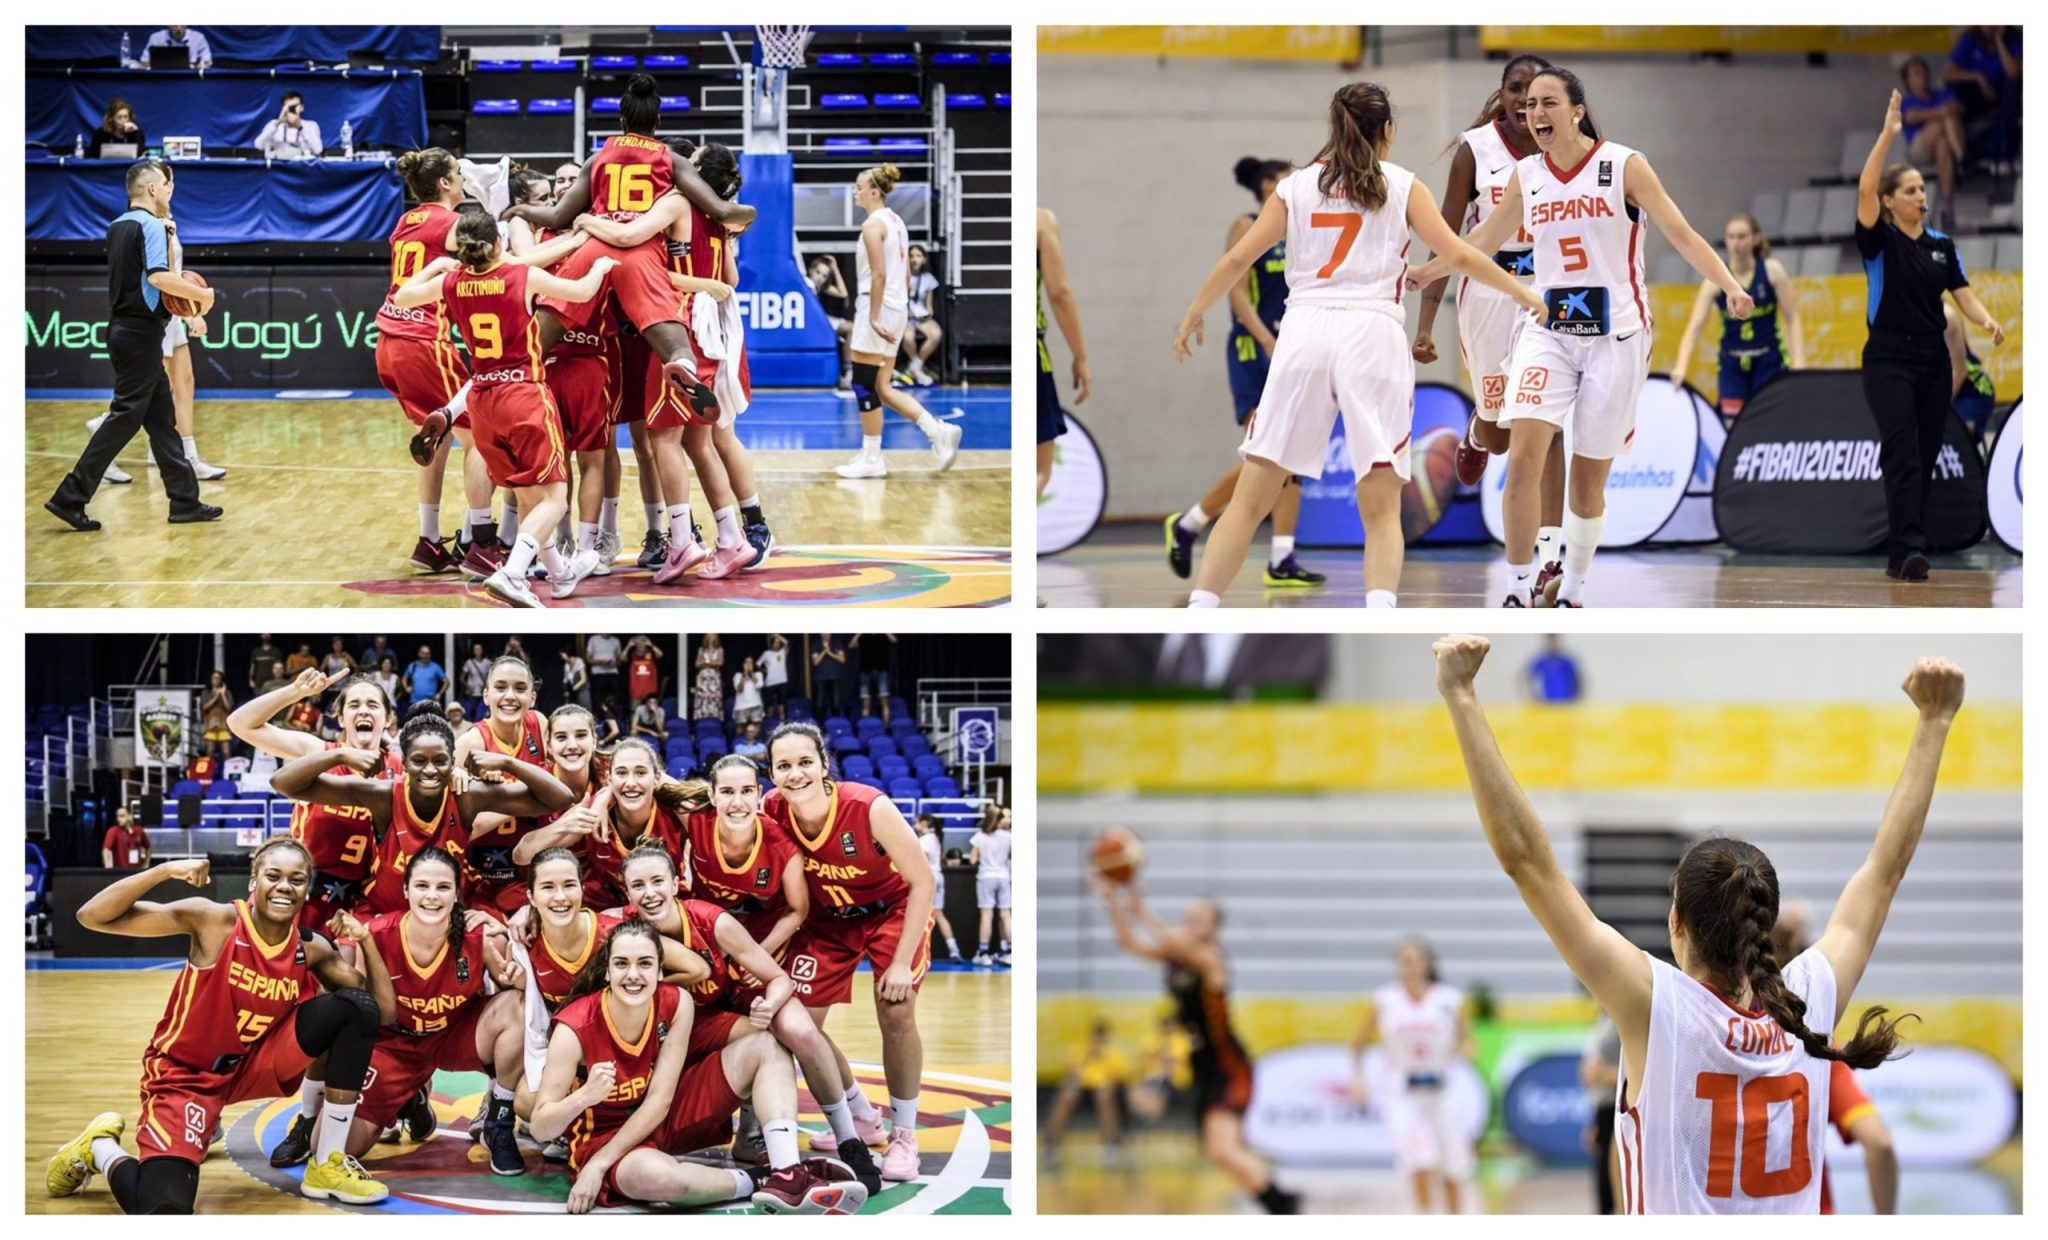 Xargay, Laura Gil, Queralt Casas, Ndour… la Sub-20, una categoría dorada para la selección